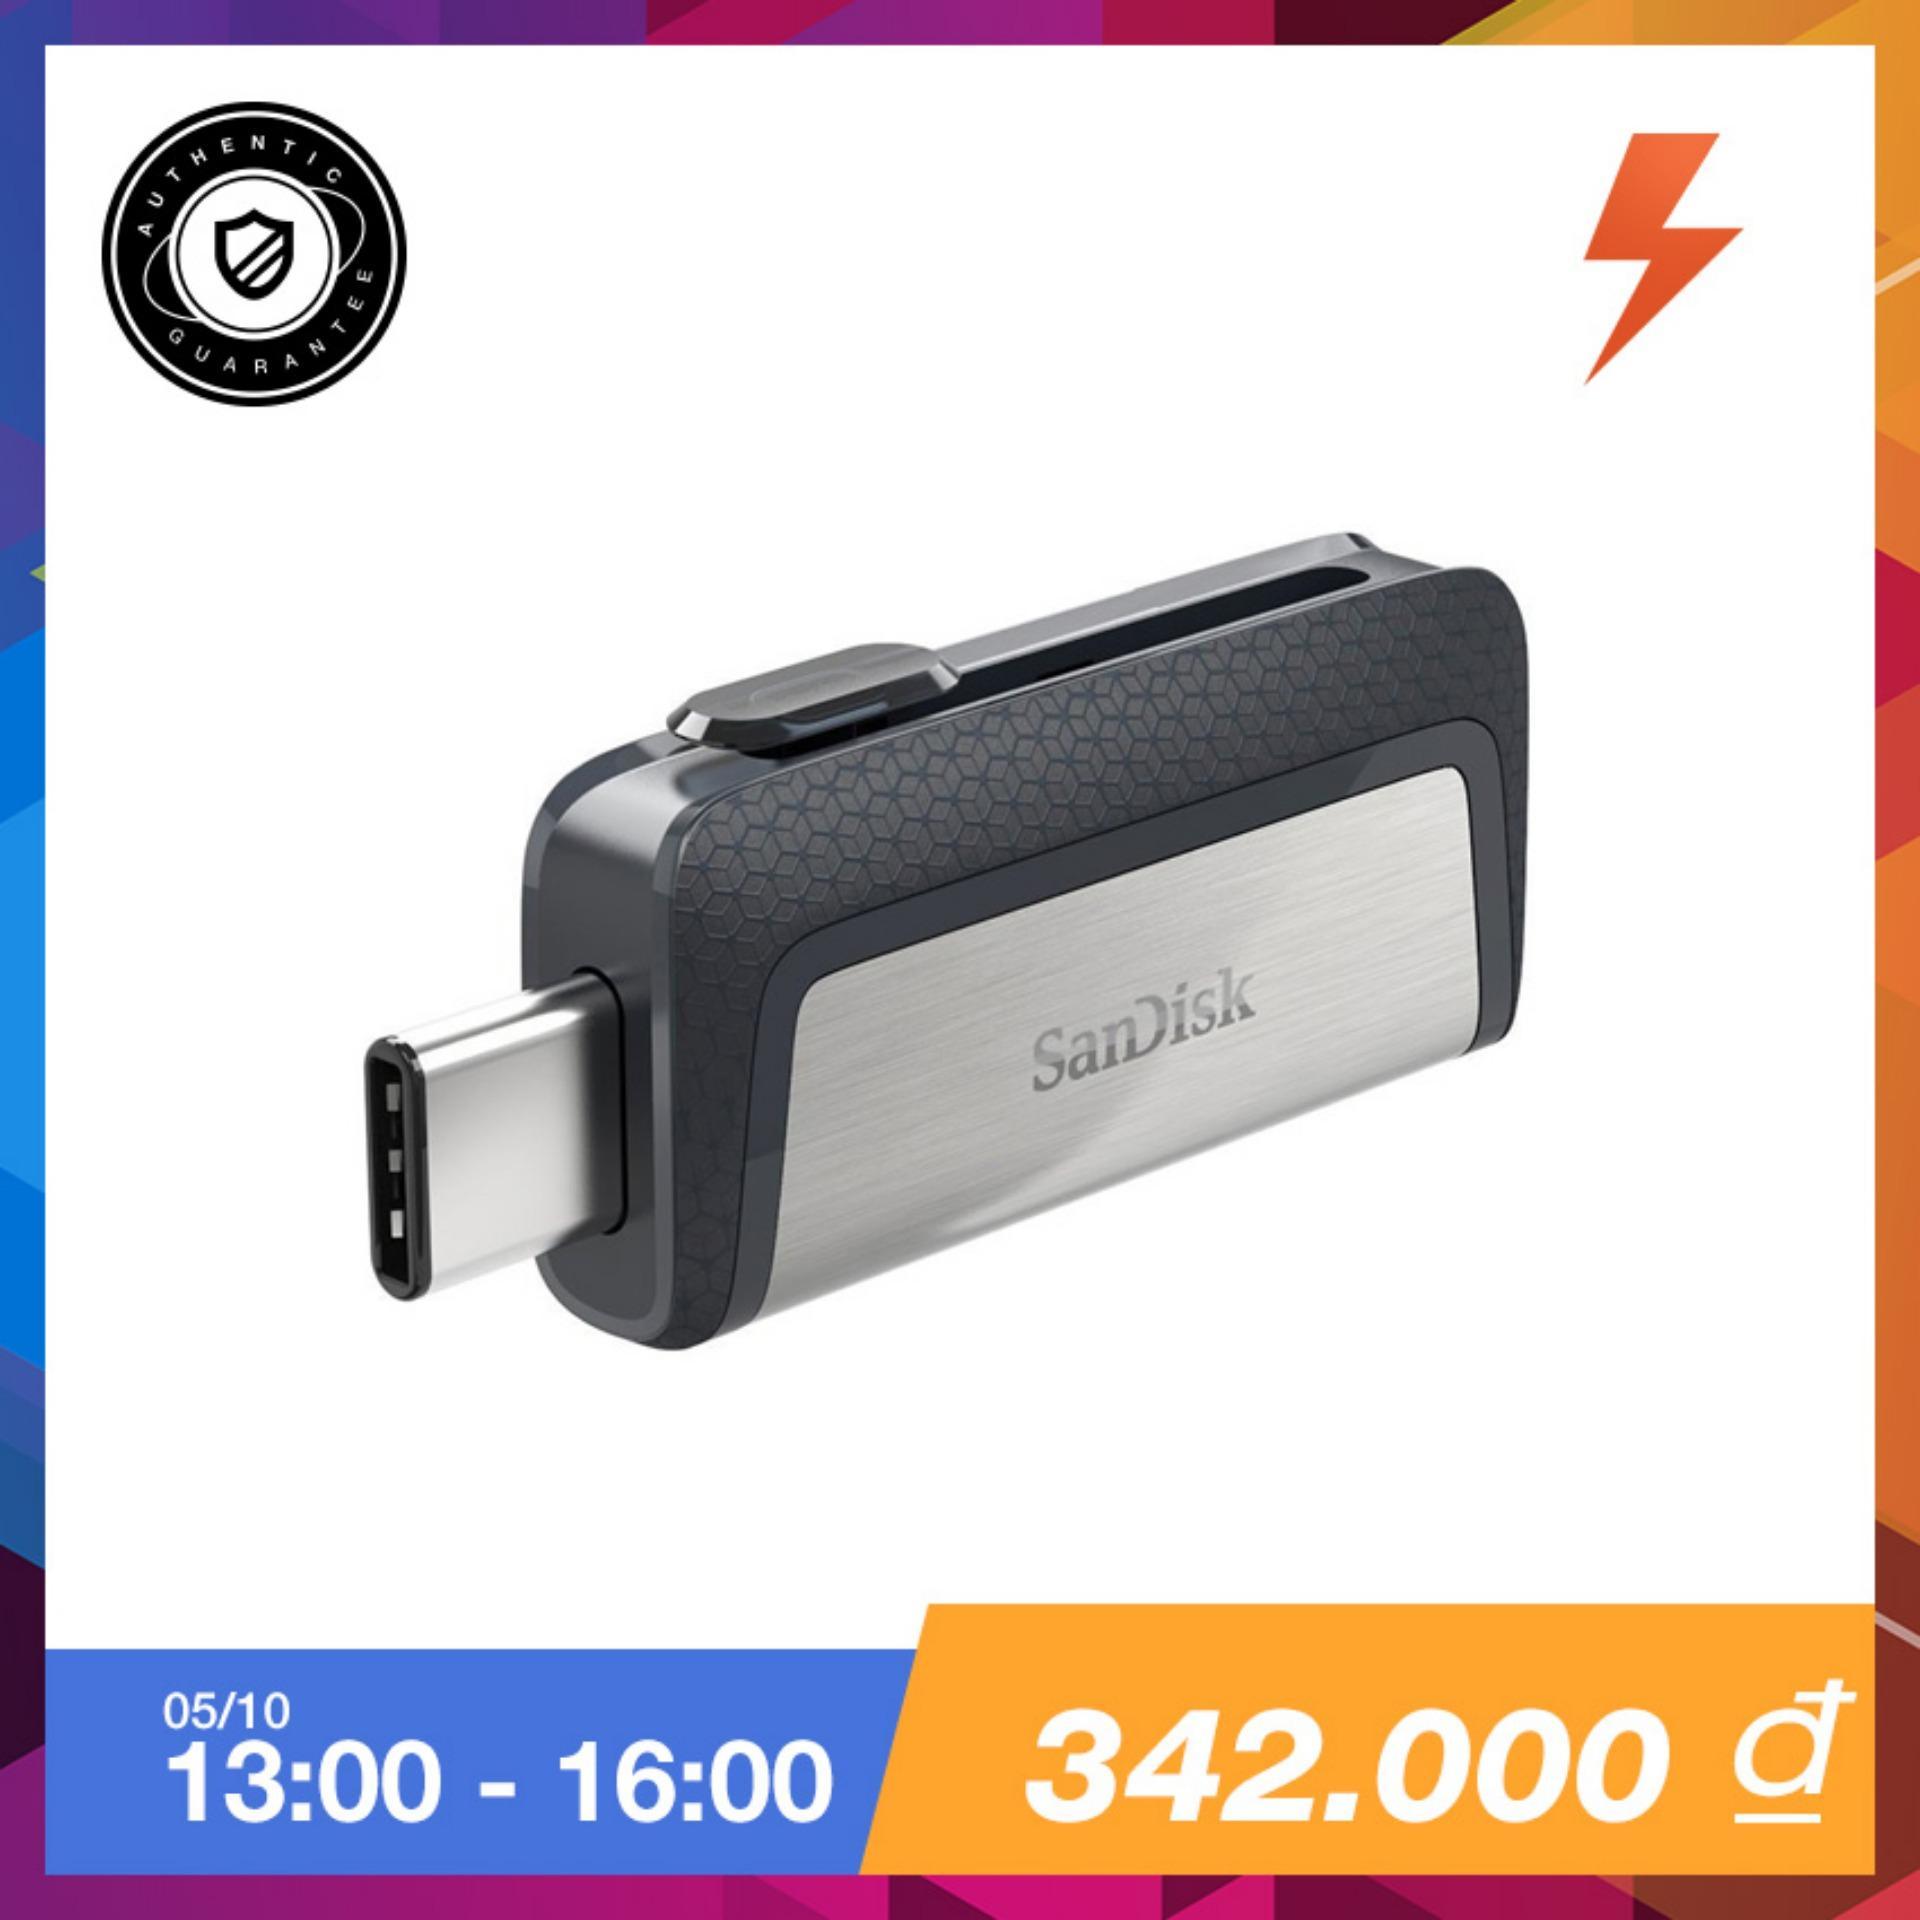 Usb Sandisk Ddc2 Ultra Dual Drive Usb Type C 32Gb Bạc Hang Phannphối Chinh Thức Rẻ